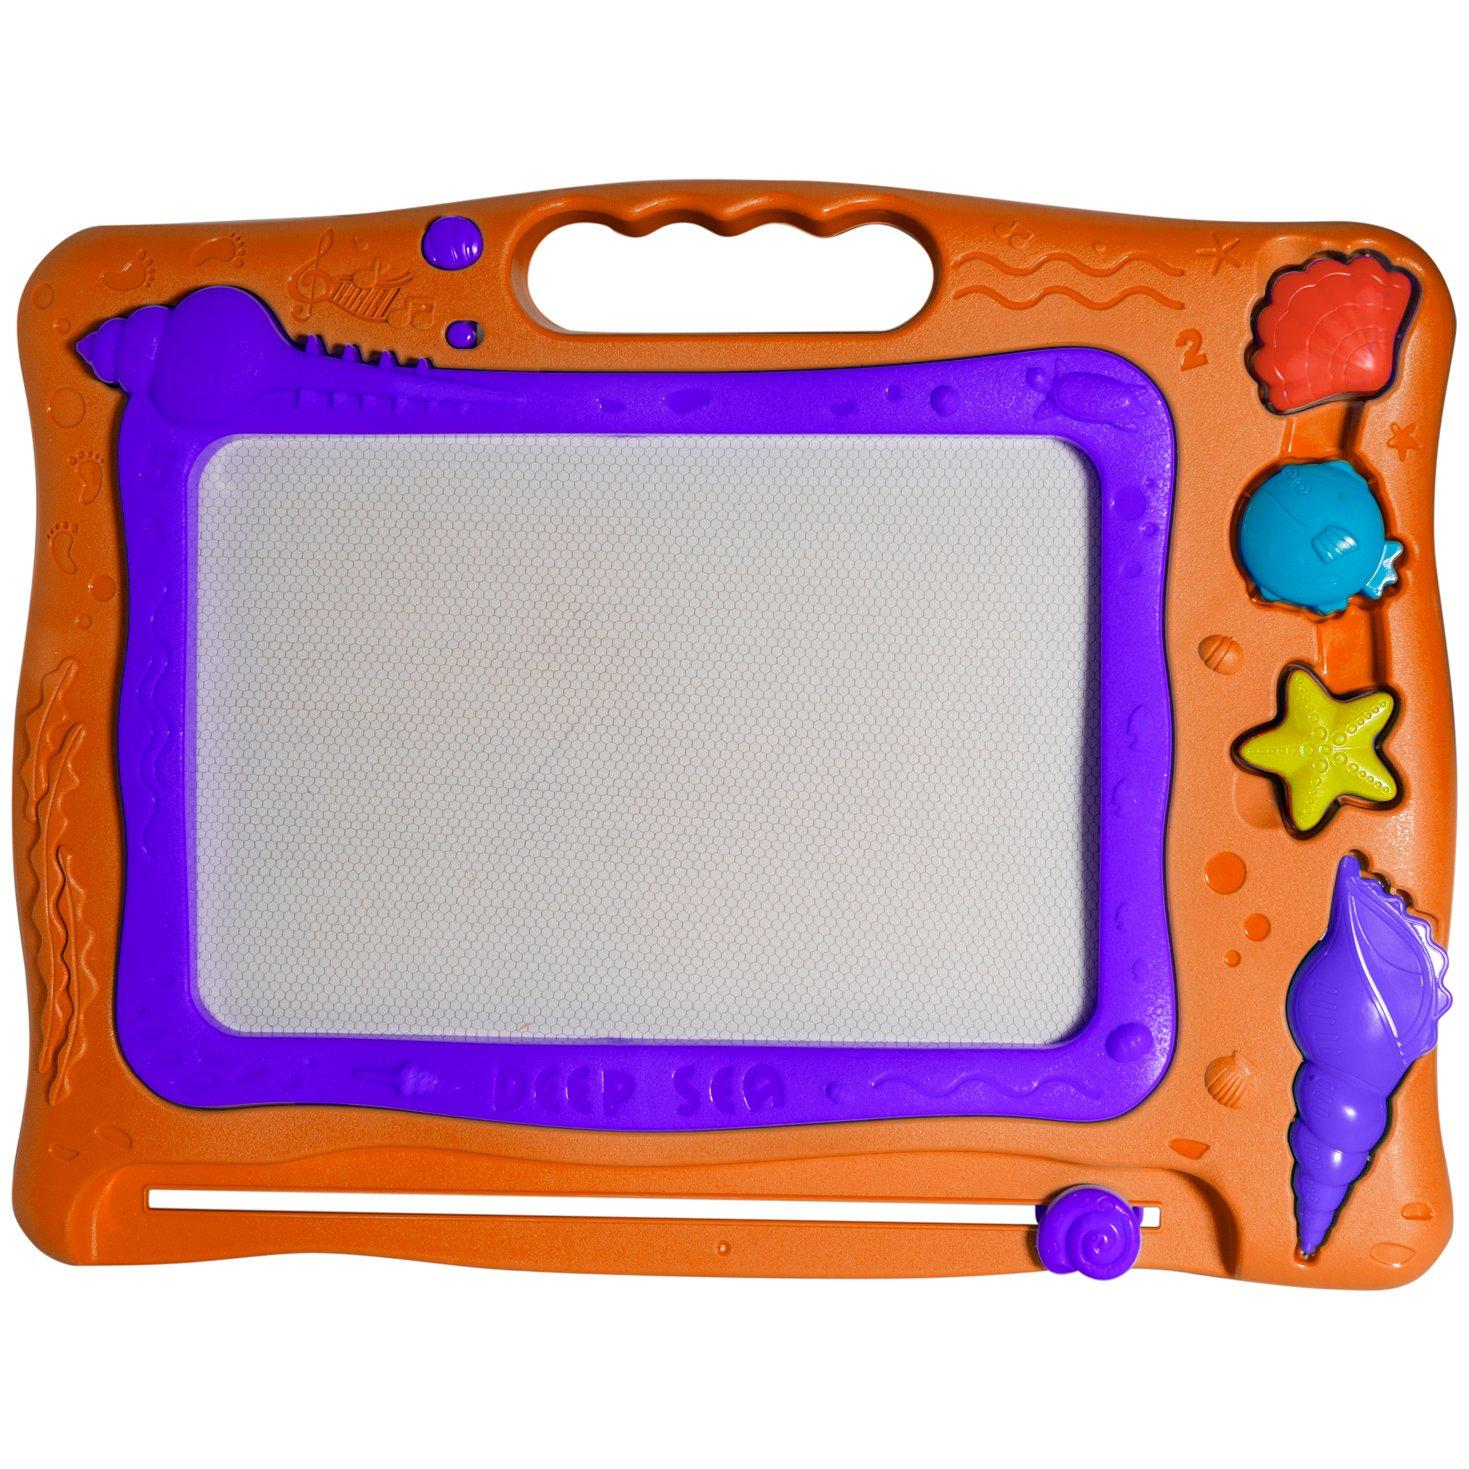 Seashell Ocean Friends Drawing Erasable Magic Drawing Board! BonBon Magnetic Drawing Board Tablet Writing Blue